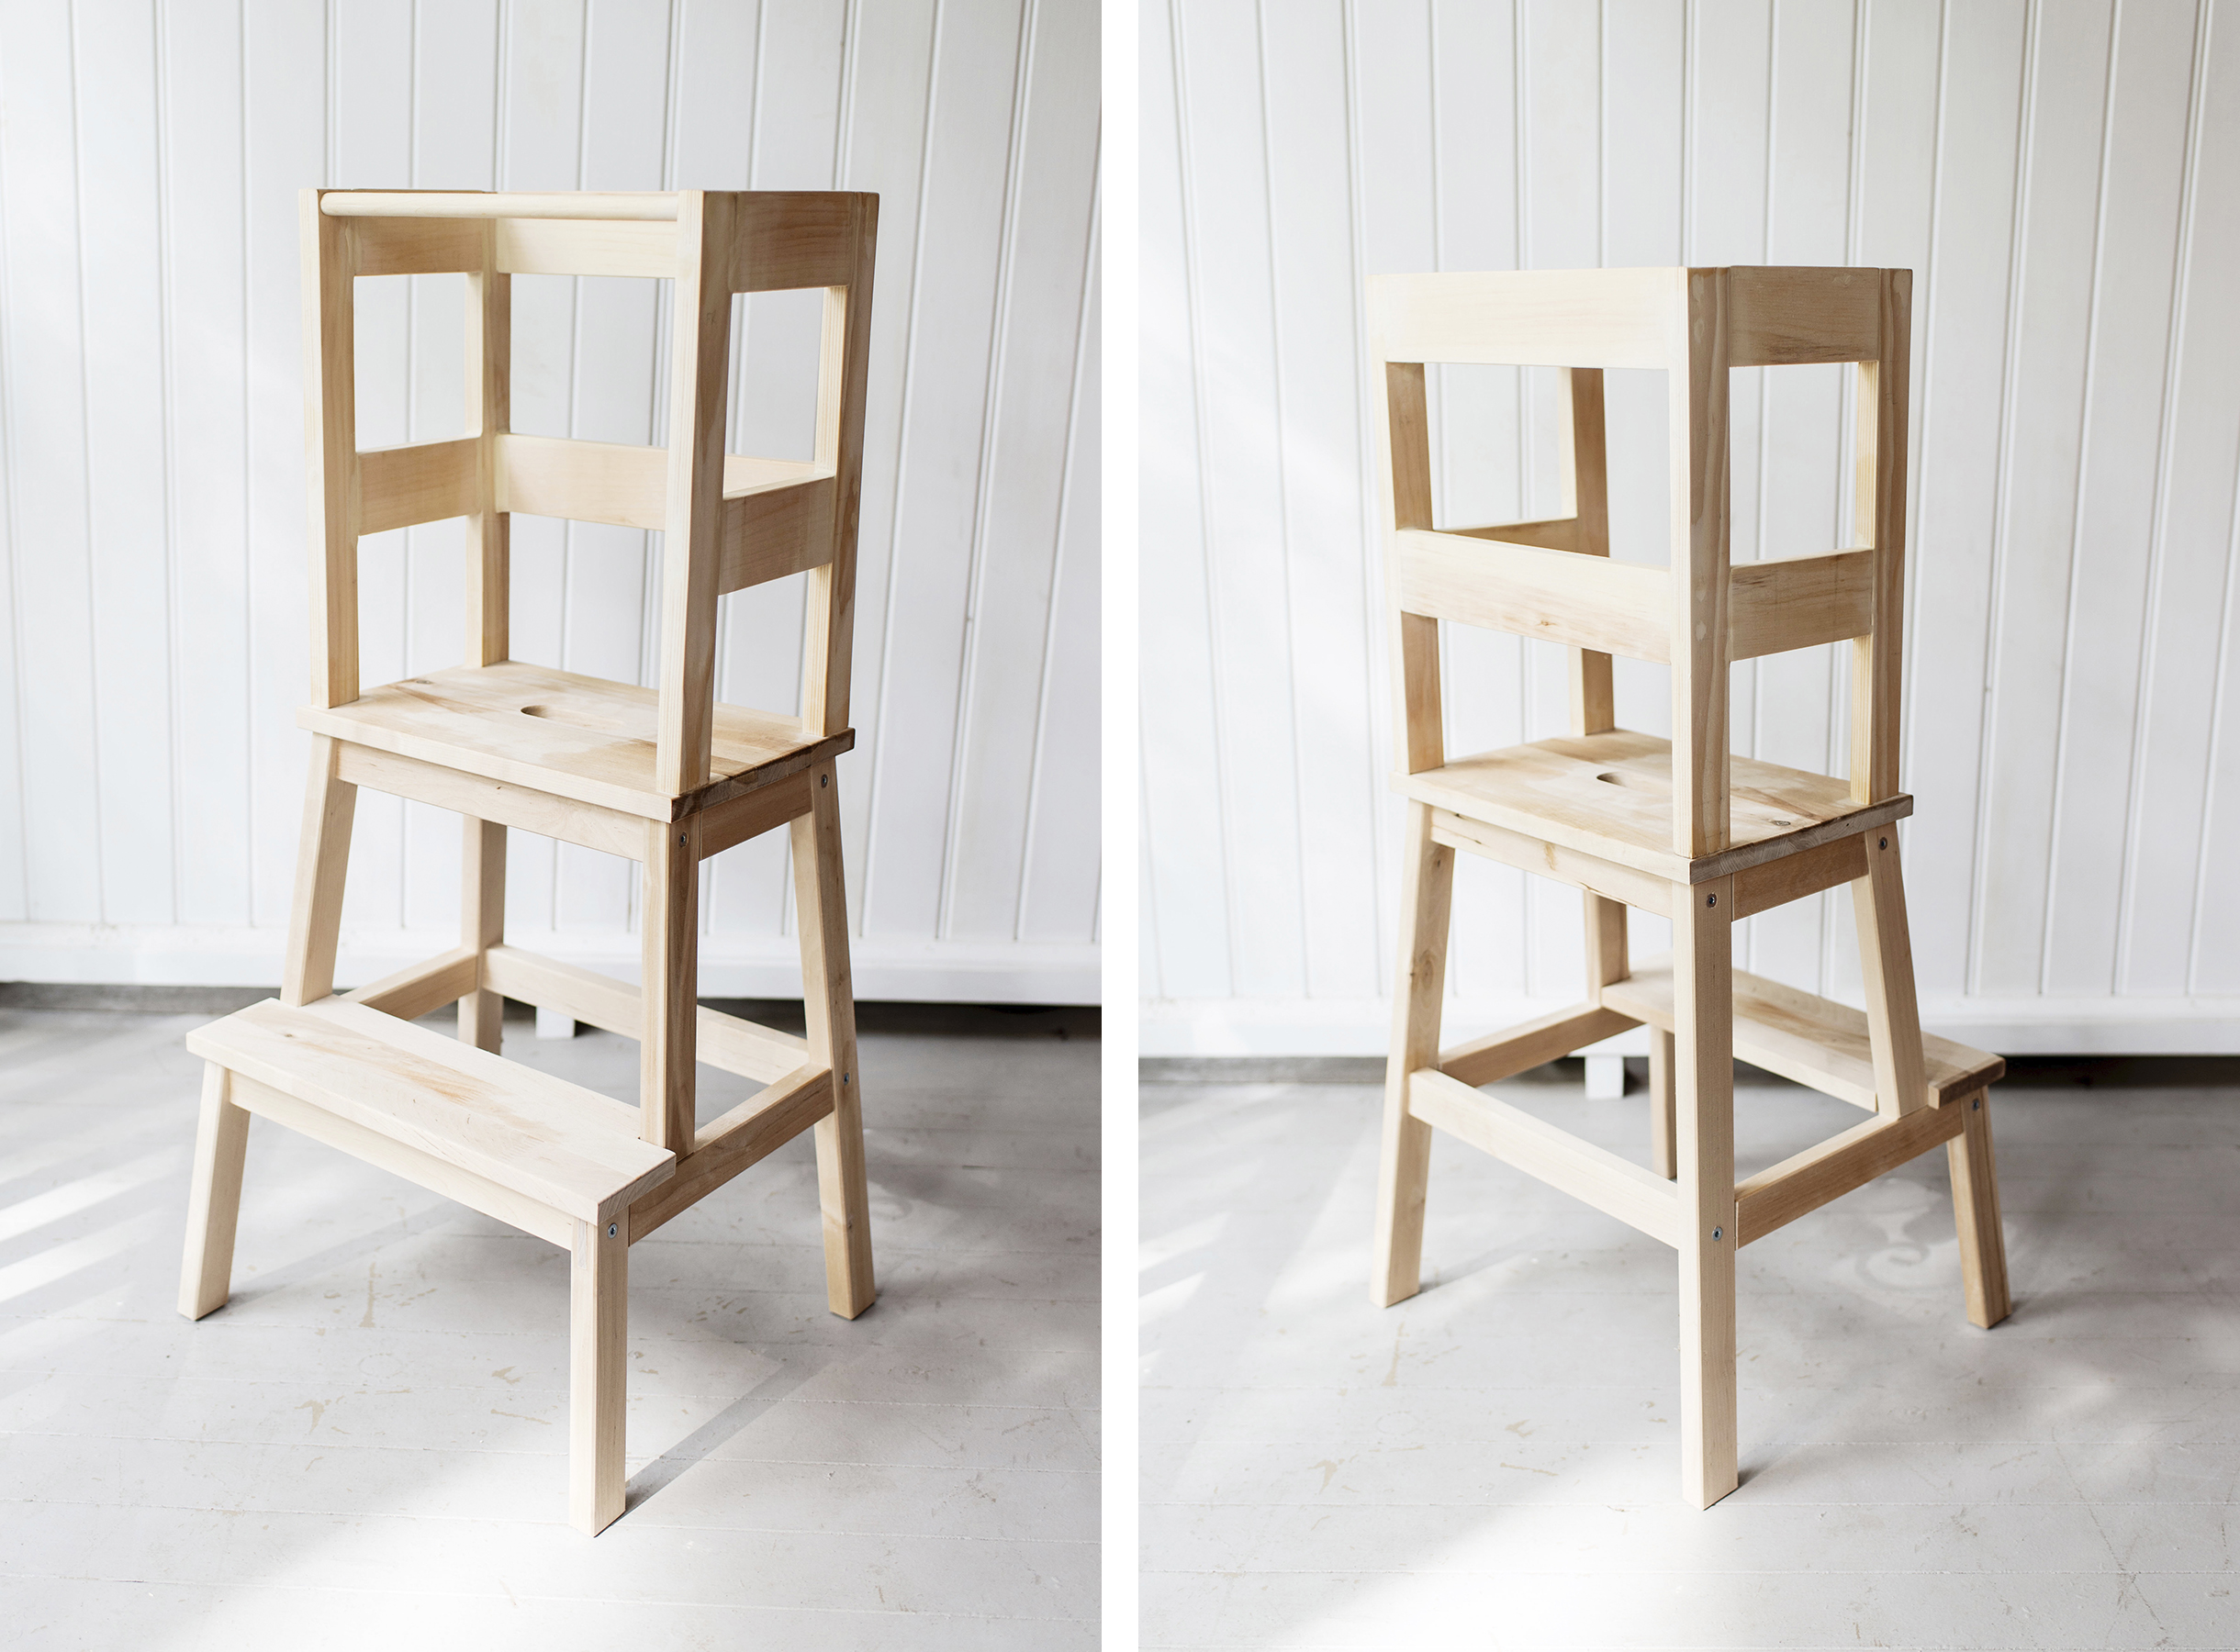 Sgabello Ikea Testicolo Incastrato : Ikea sgabello tavolino lack ikea trasformato in sgabello ottomano